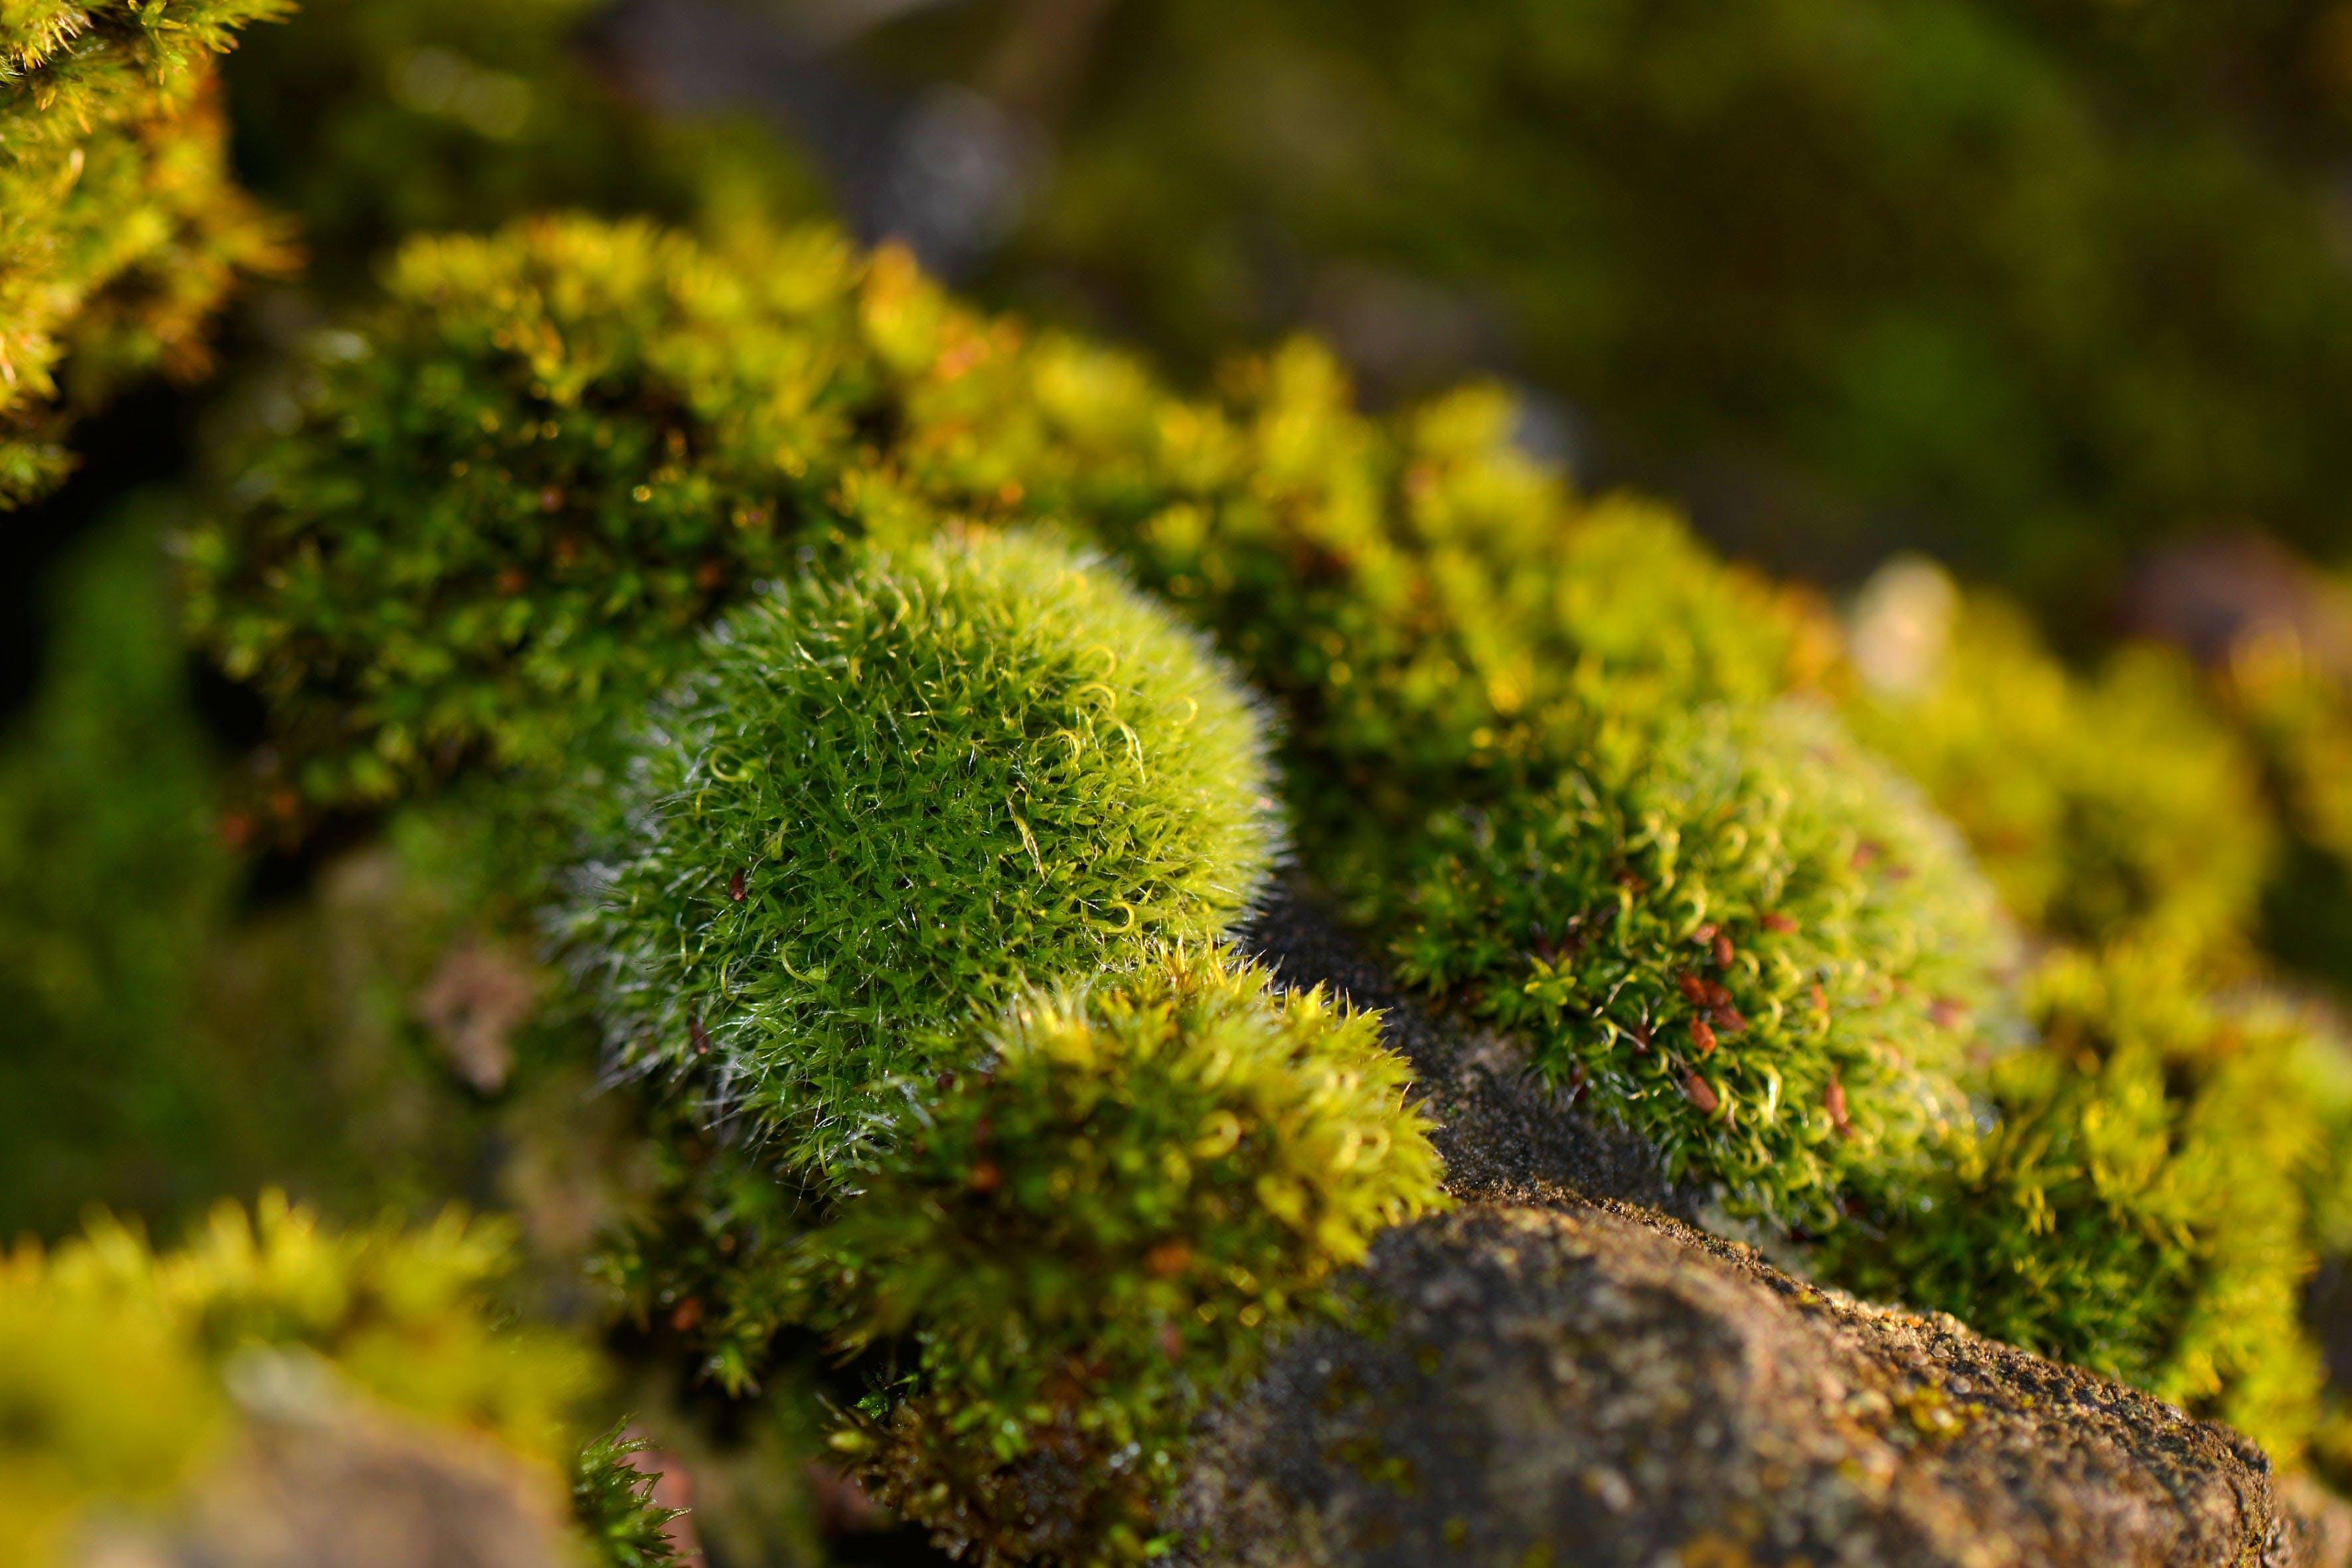 녹색, 락, 식물, 이끼의 무료 스톡 사진